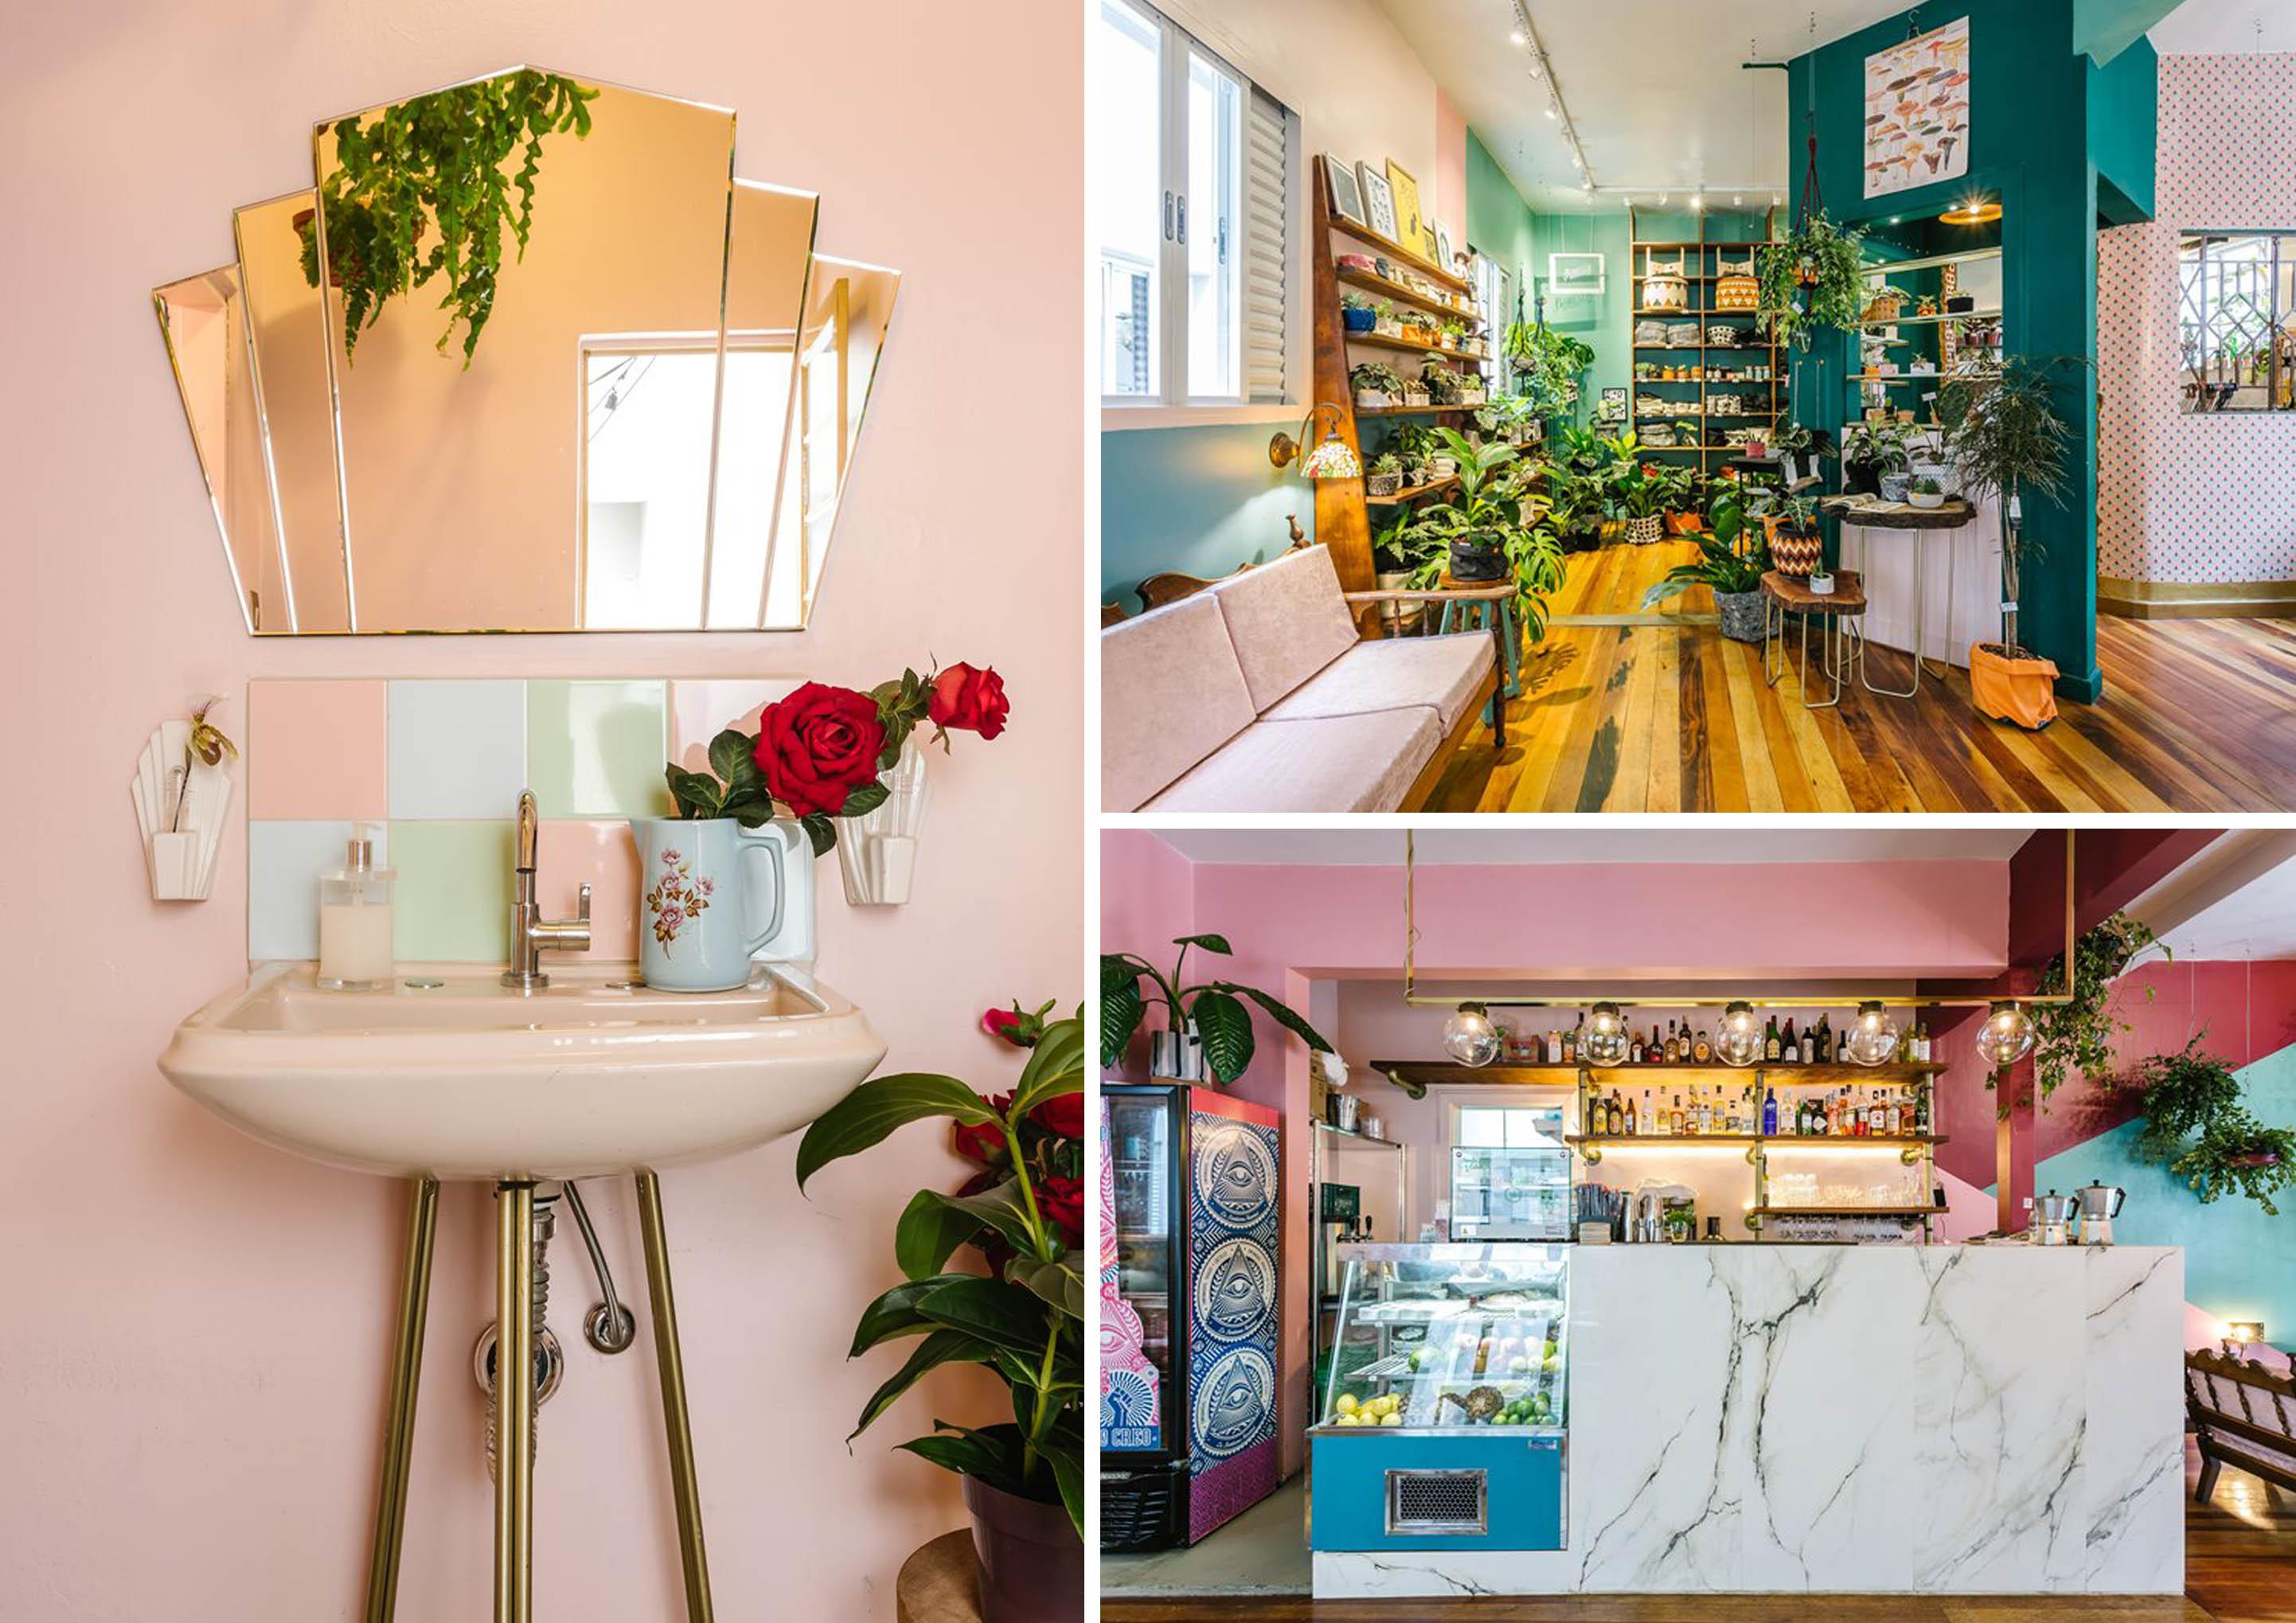 Botanique interior design